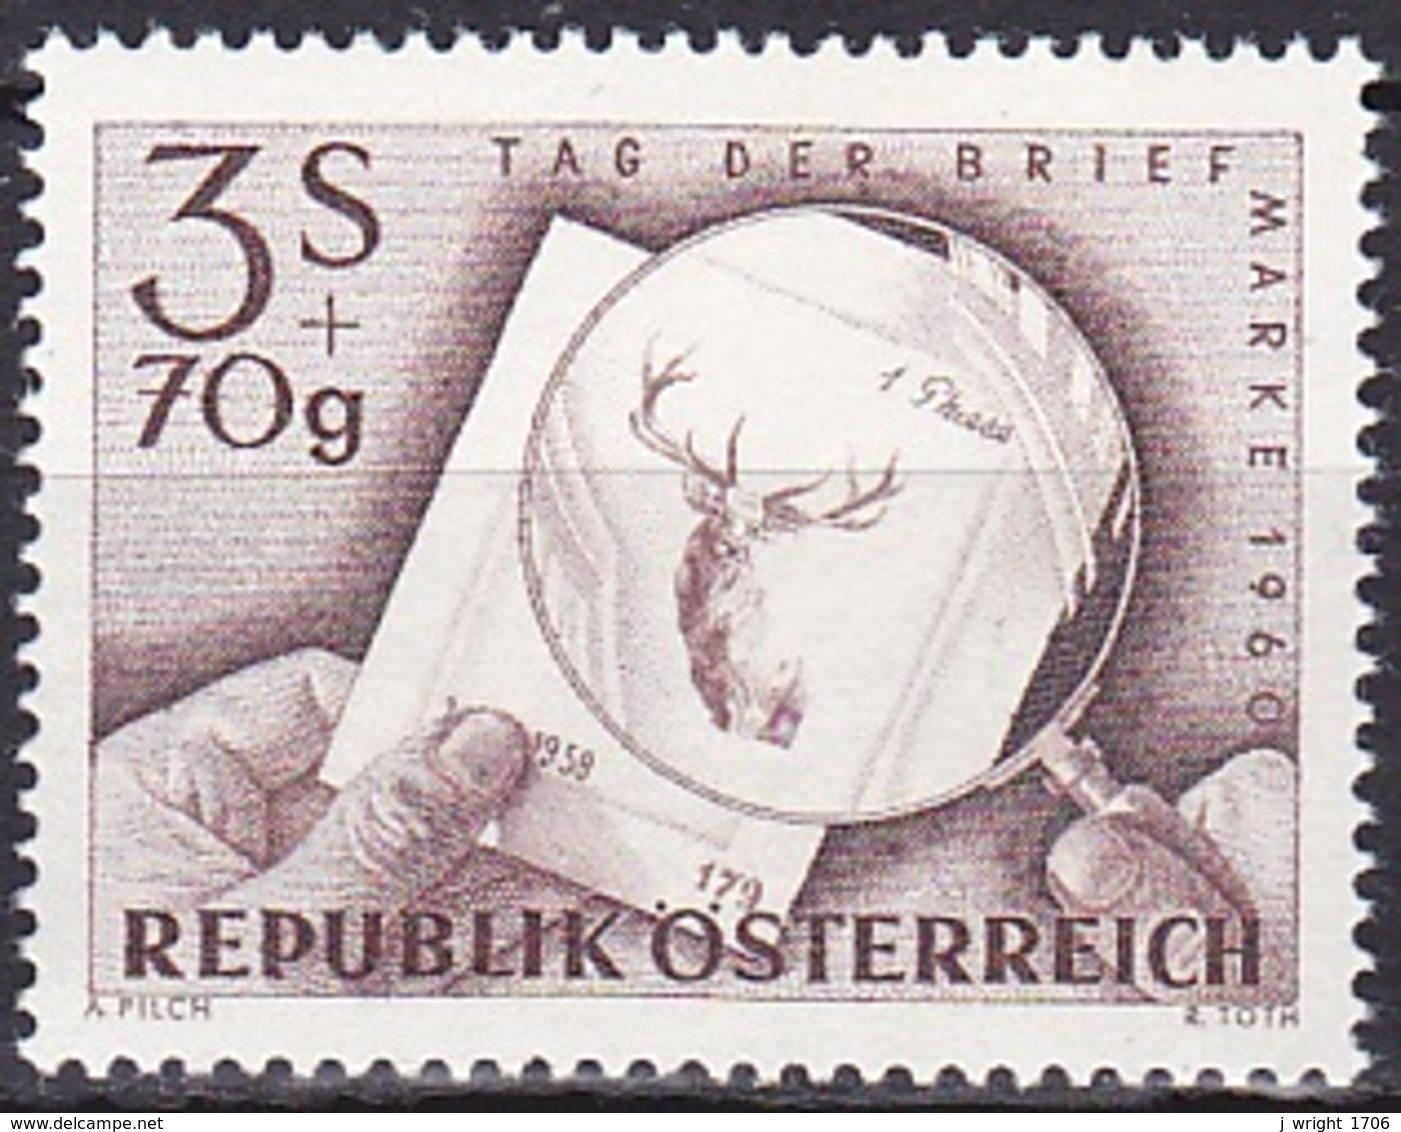 Austria/1960 - Stamp Day/Tag Der Briefmarke - 3 S + 70 Gr - MNH - 1945-60 Ungebraucht